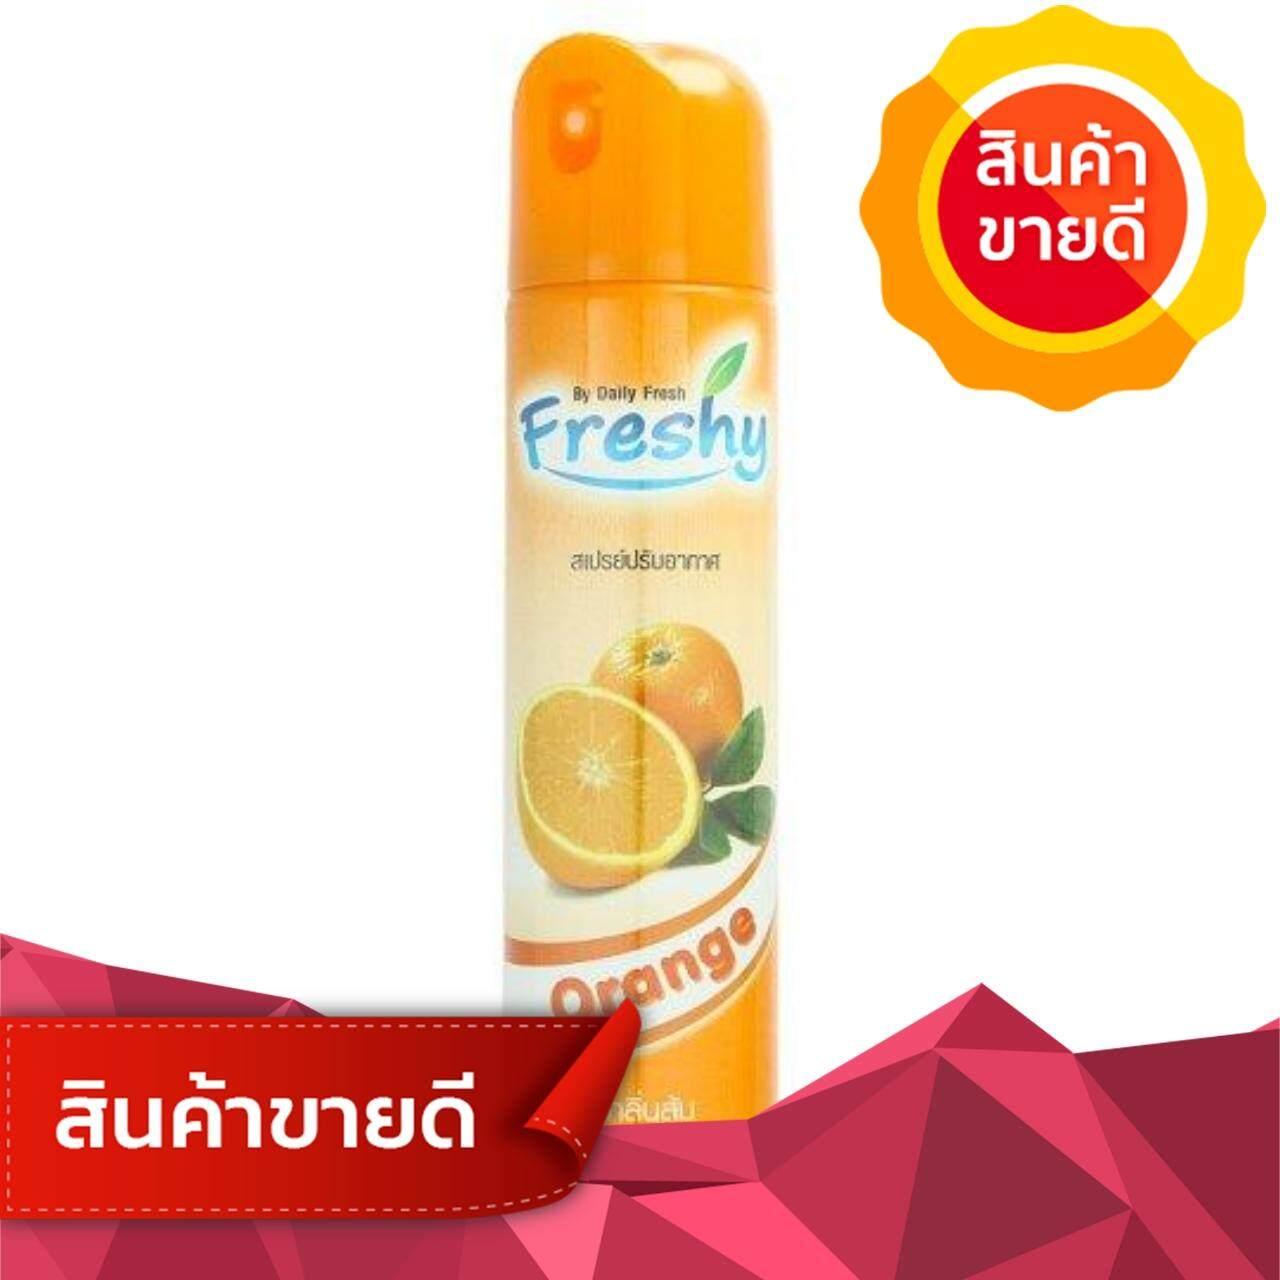 ((มีสินค้า)) เฟรชชี่ สเปรย์ปรับอากาศ กลิ่นส้ม 300มล. ผลิตภัณฑ์ปรับอากาศ แอร์ น้ํา หอม ปรับอากาศ ราคา เครื่อง ปรับอากาศ ส เปร ย์ ปรับอากาศ เครื่อง ปรับอากาศ แอร์ ซัม ซุง แผ่น น้ำหอม เครื่อง ปรับอากาศ ราคา อุปกรณ์ ทํา ความ สะอาด บ้าน ของแท้ 100% ราคาถูก.